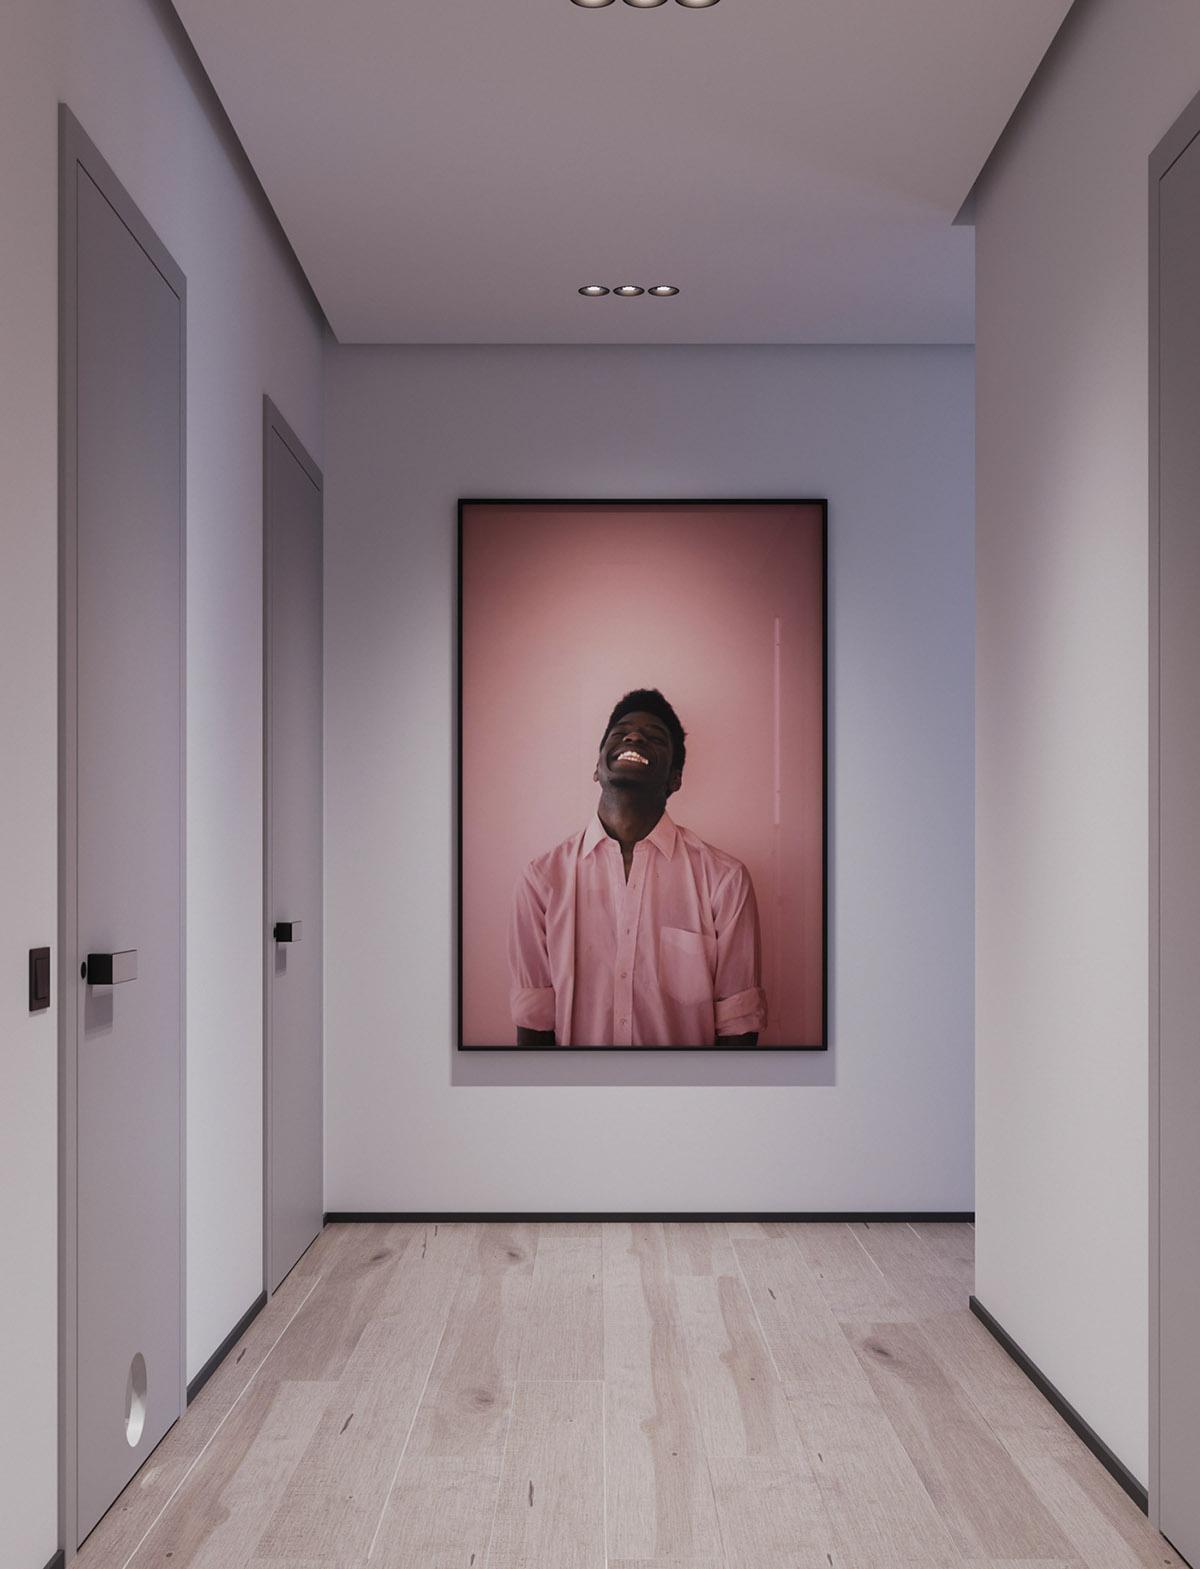 Một số thiết kế nội thất sử dụng màu hồng và xám - Pink wall art